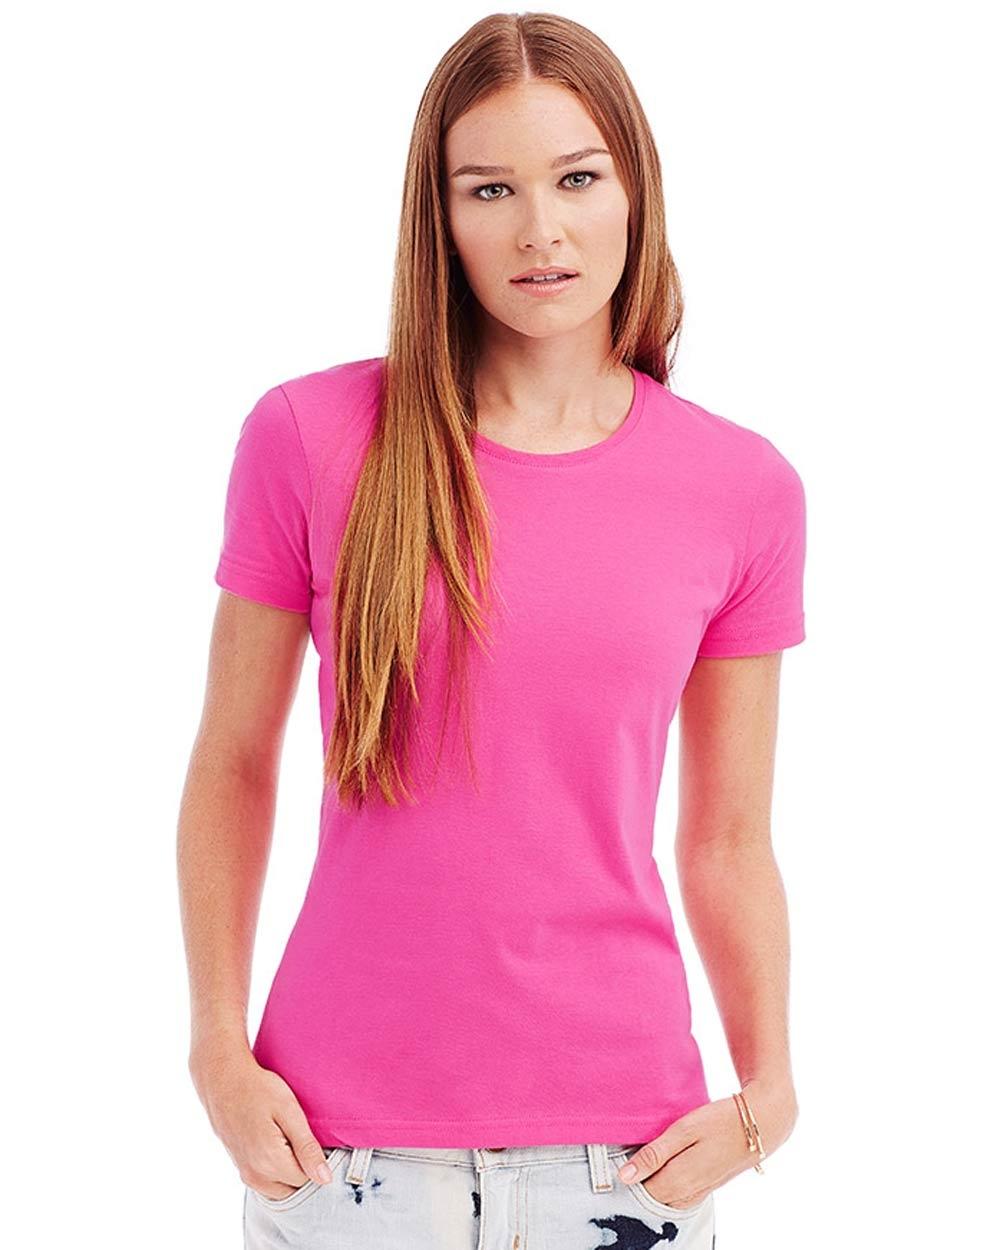 40194ca3416a Per questo esistono diversi tipi di t-shirt realizzati apposta per  adattarsi al corpo femminile. Sportive, eleganti, casual, raffinate, con lo  scollo a V, ...